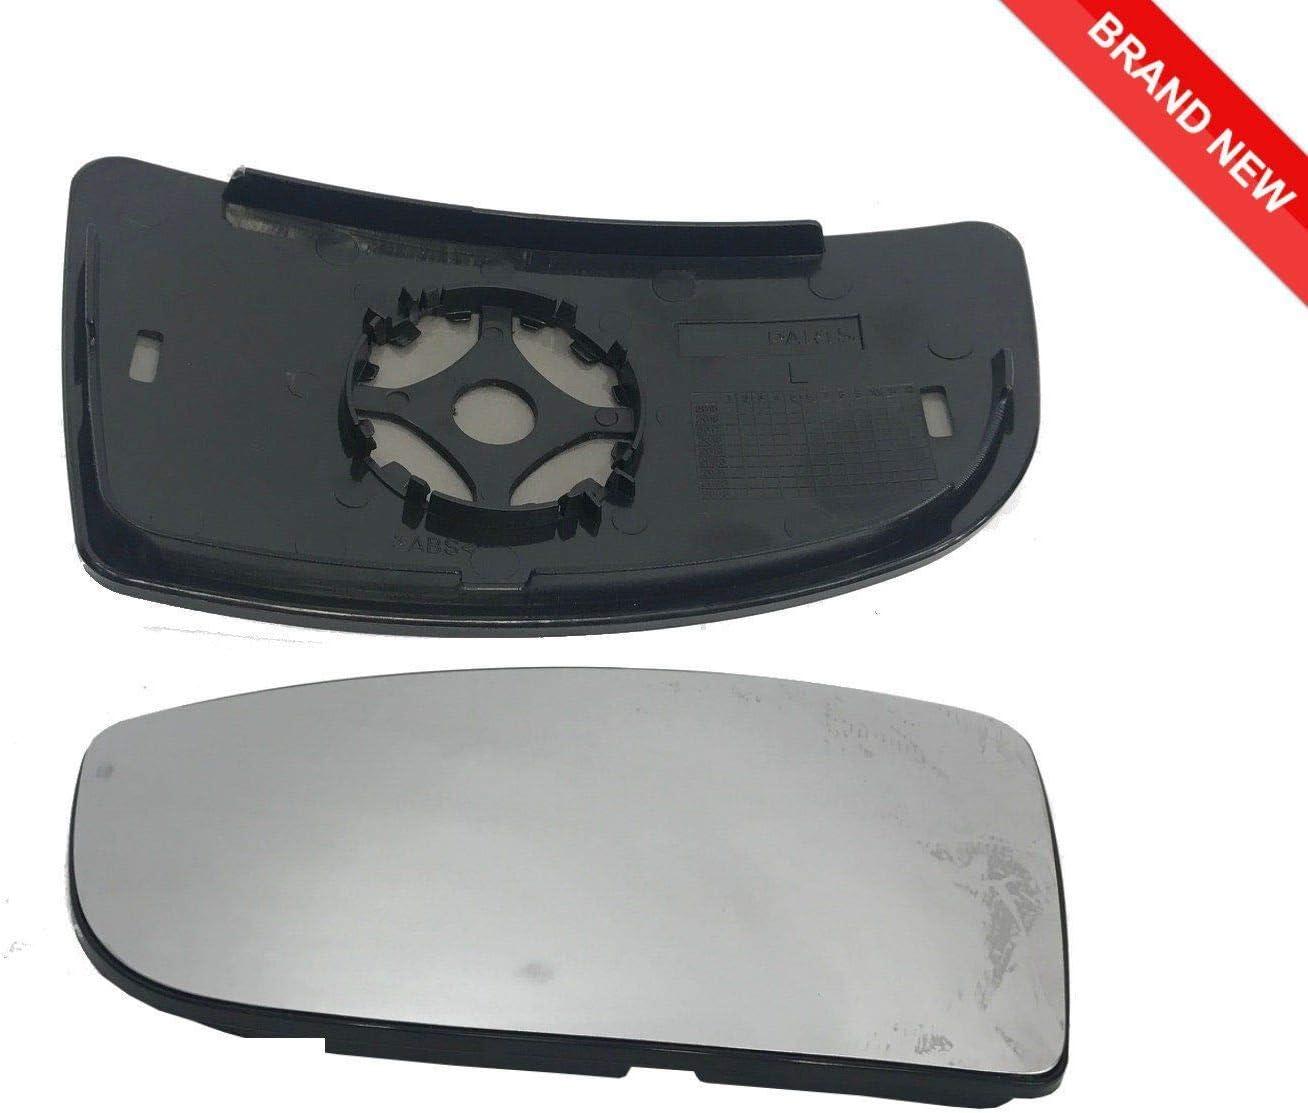 Transit Teile Transit Mk8 Unten T/ürfl/ügel Spiegelglas ab 2014 Beifahrer Links Montageplatte